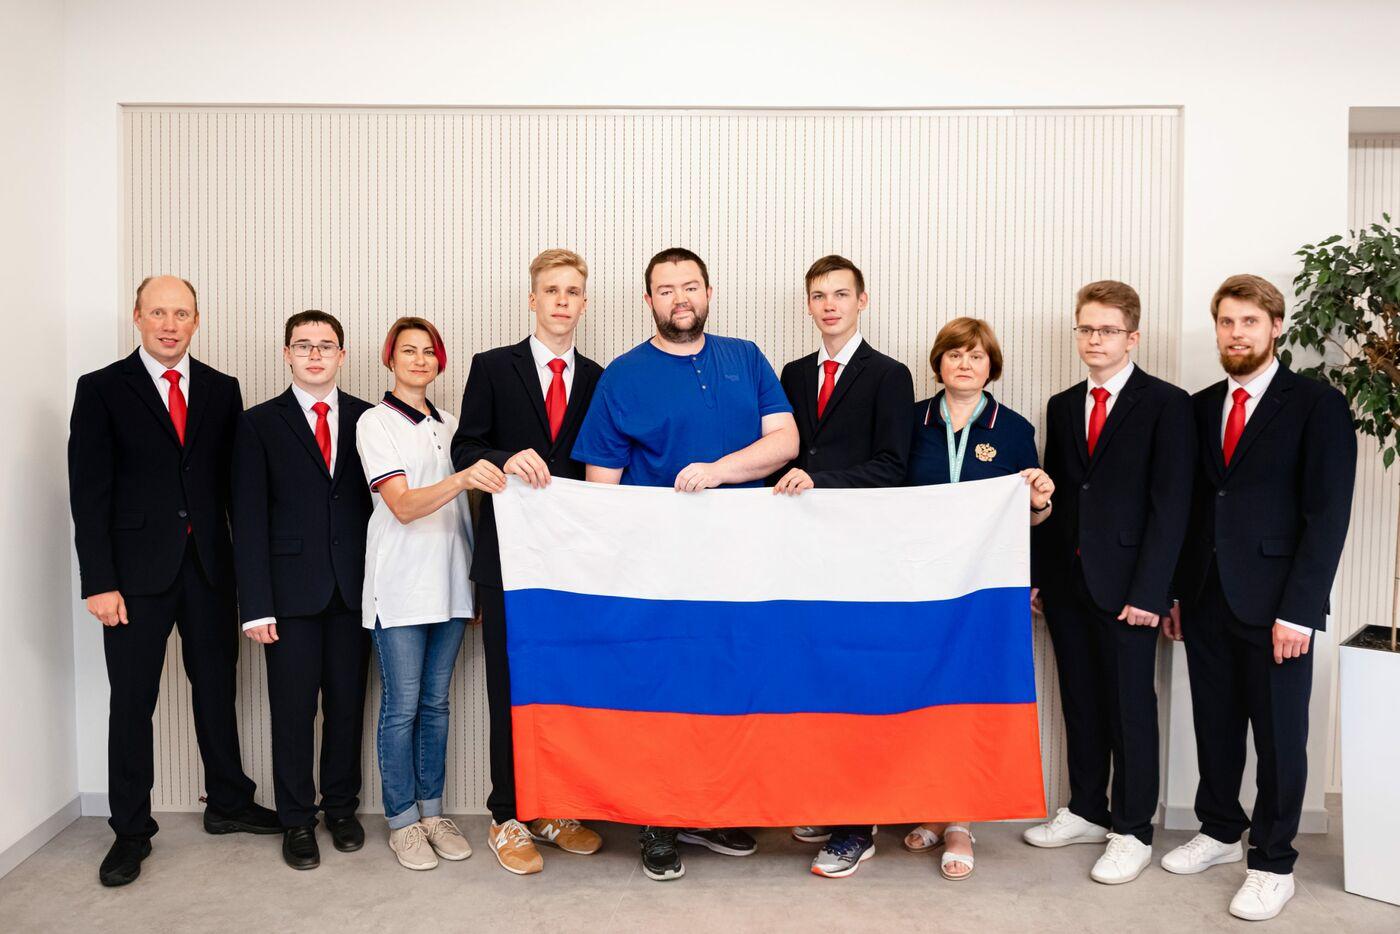 Поздравляем Егора Лифаря с золотой медалью на Международной олимпиаде по информатике!